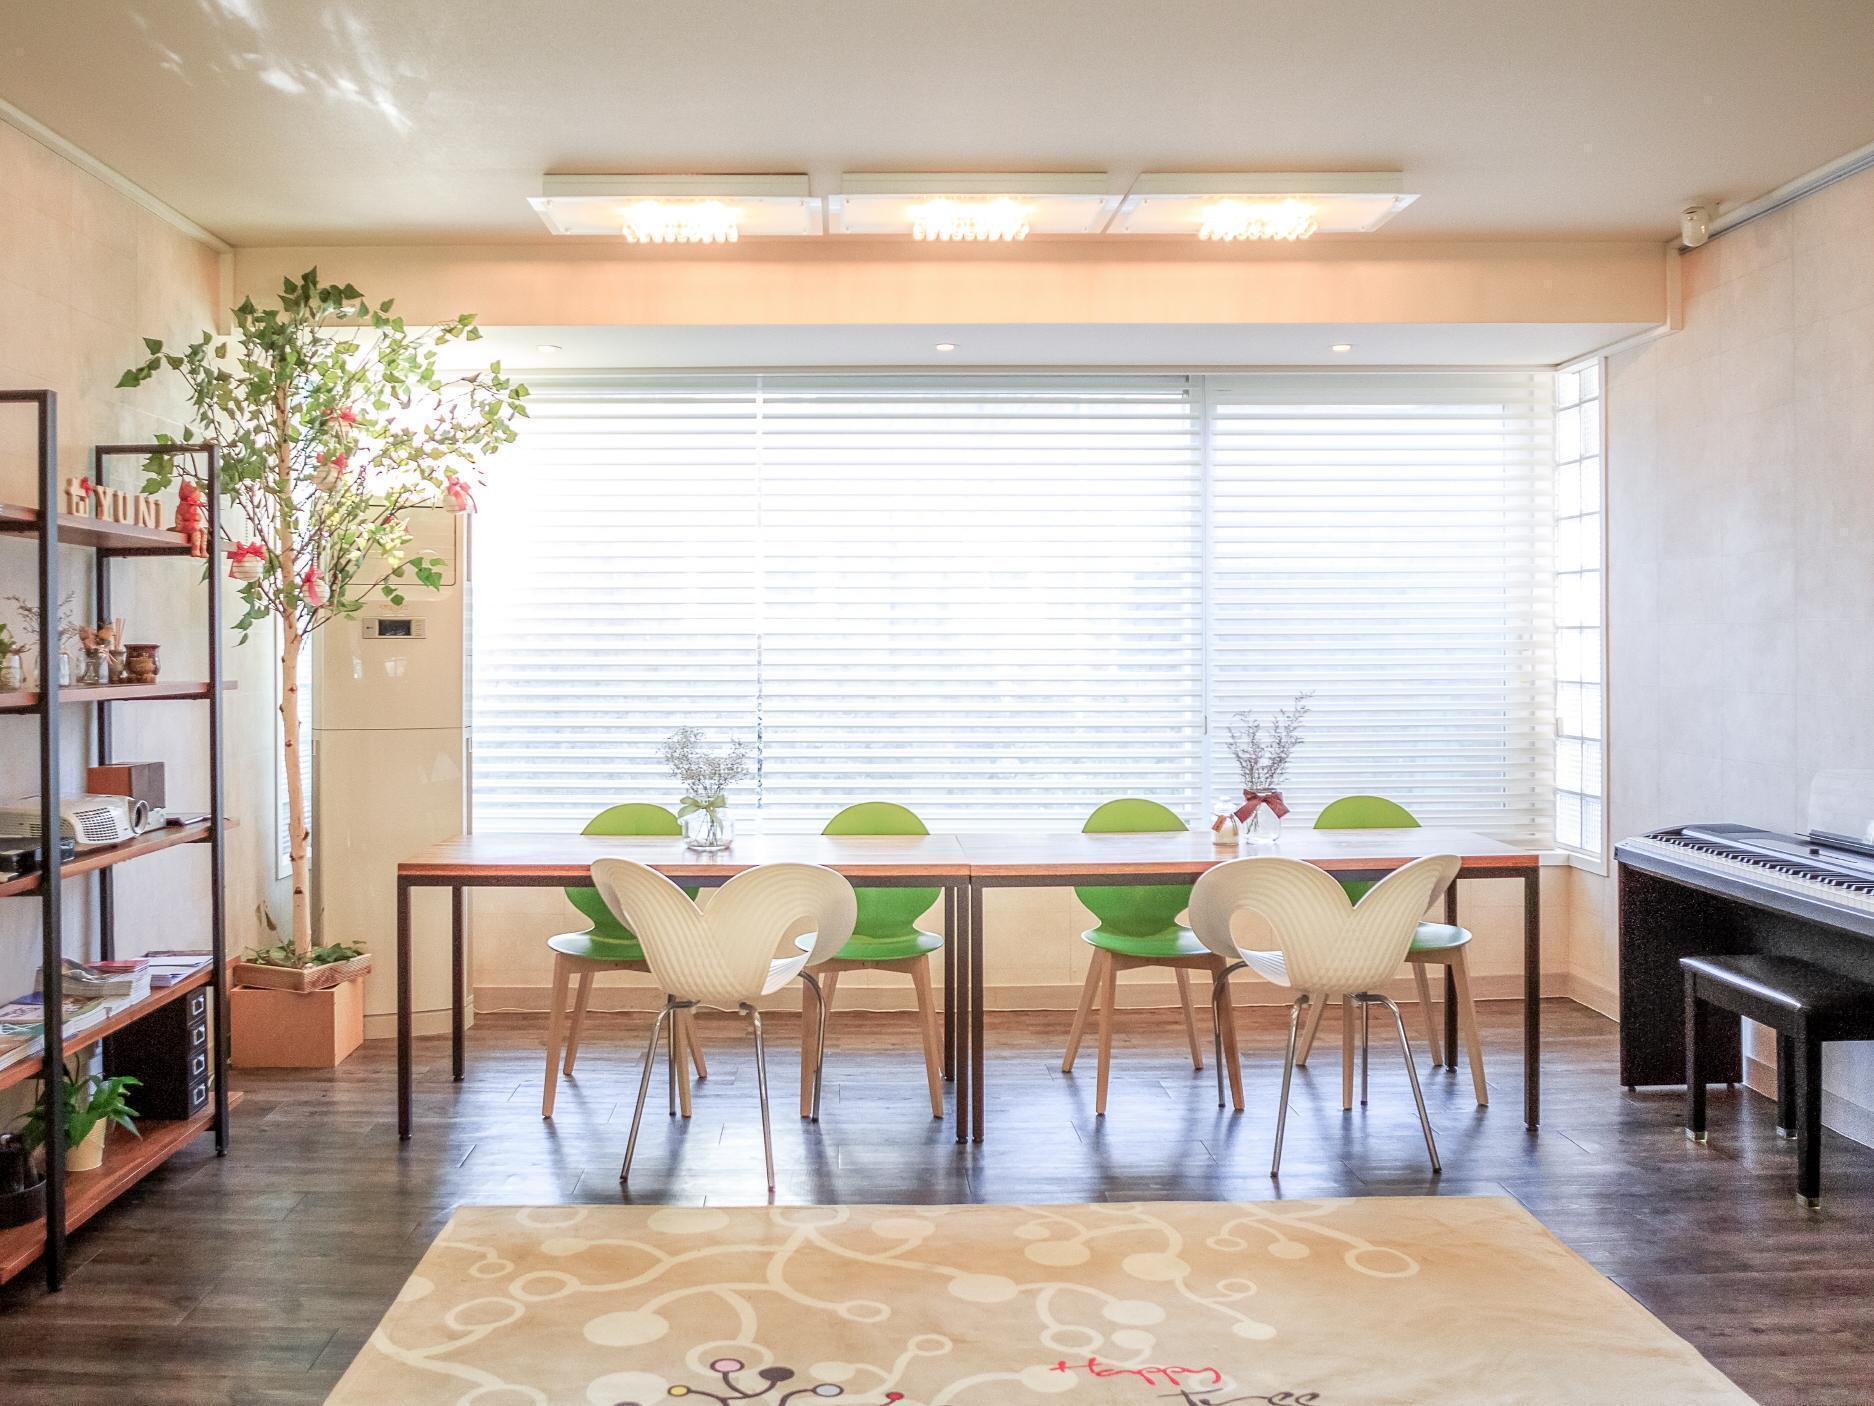 Yuni Haus Guesthouse